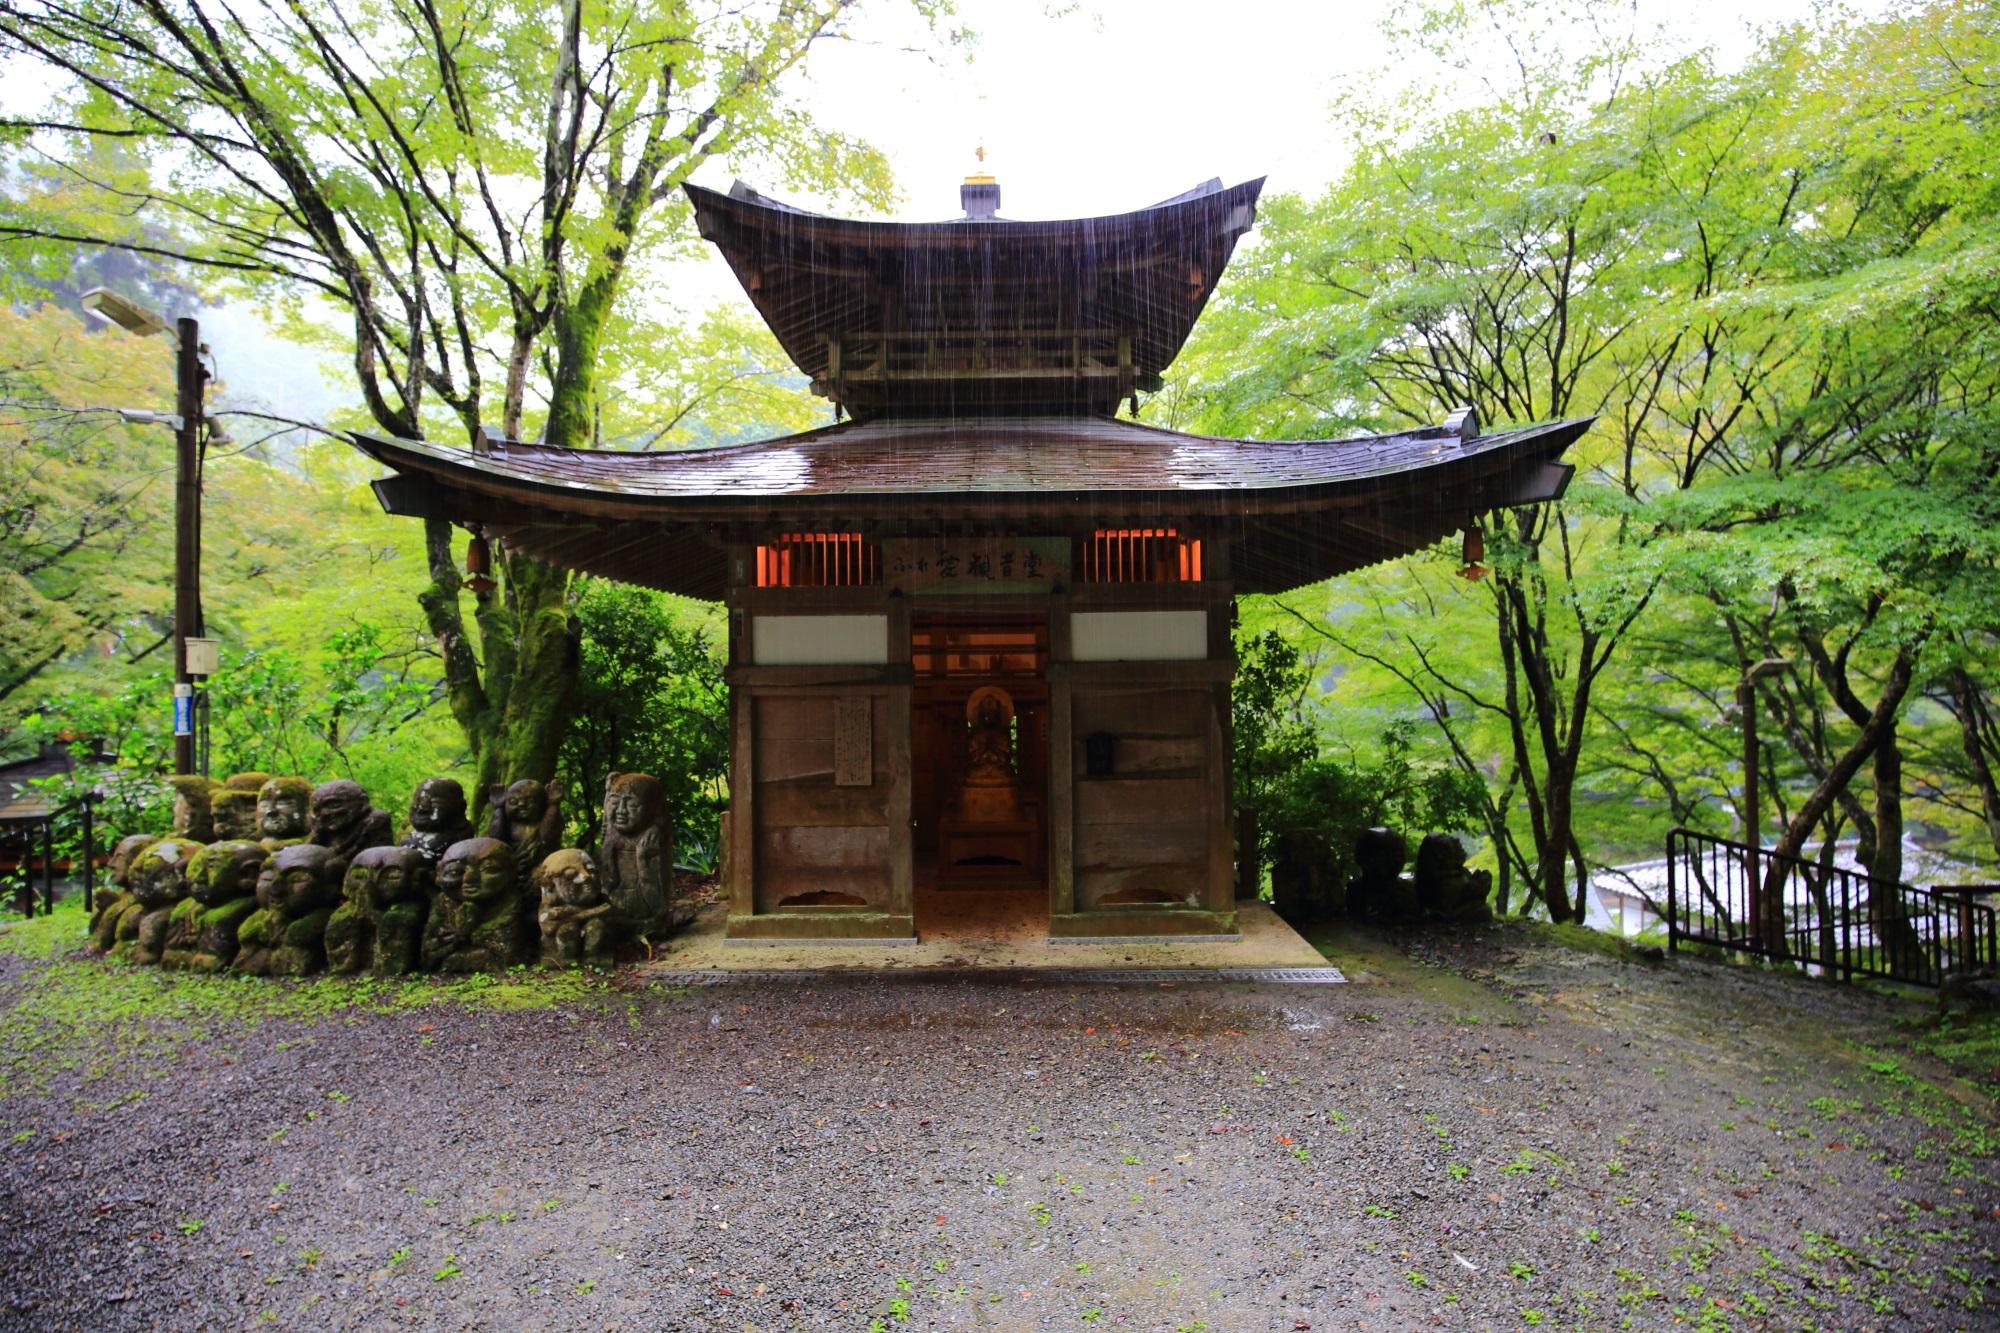 愛宕念仏寺のふれ愛観音堂